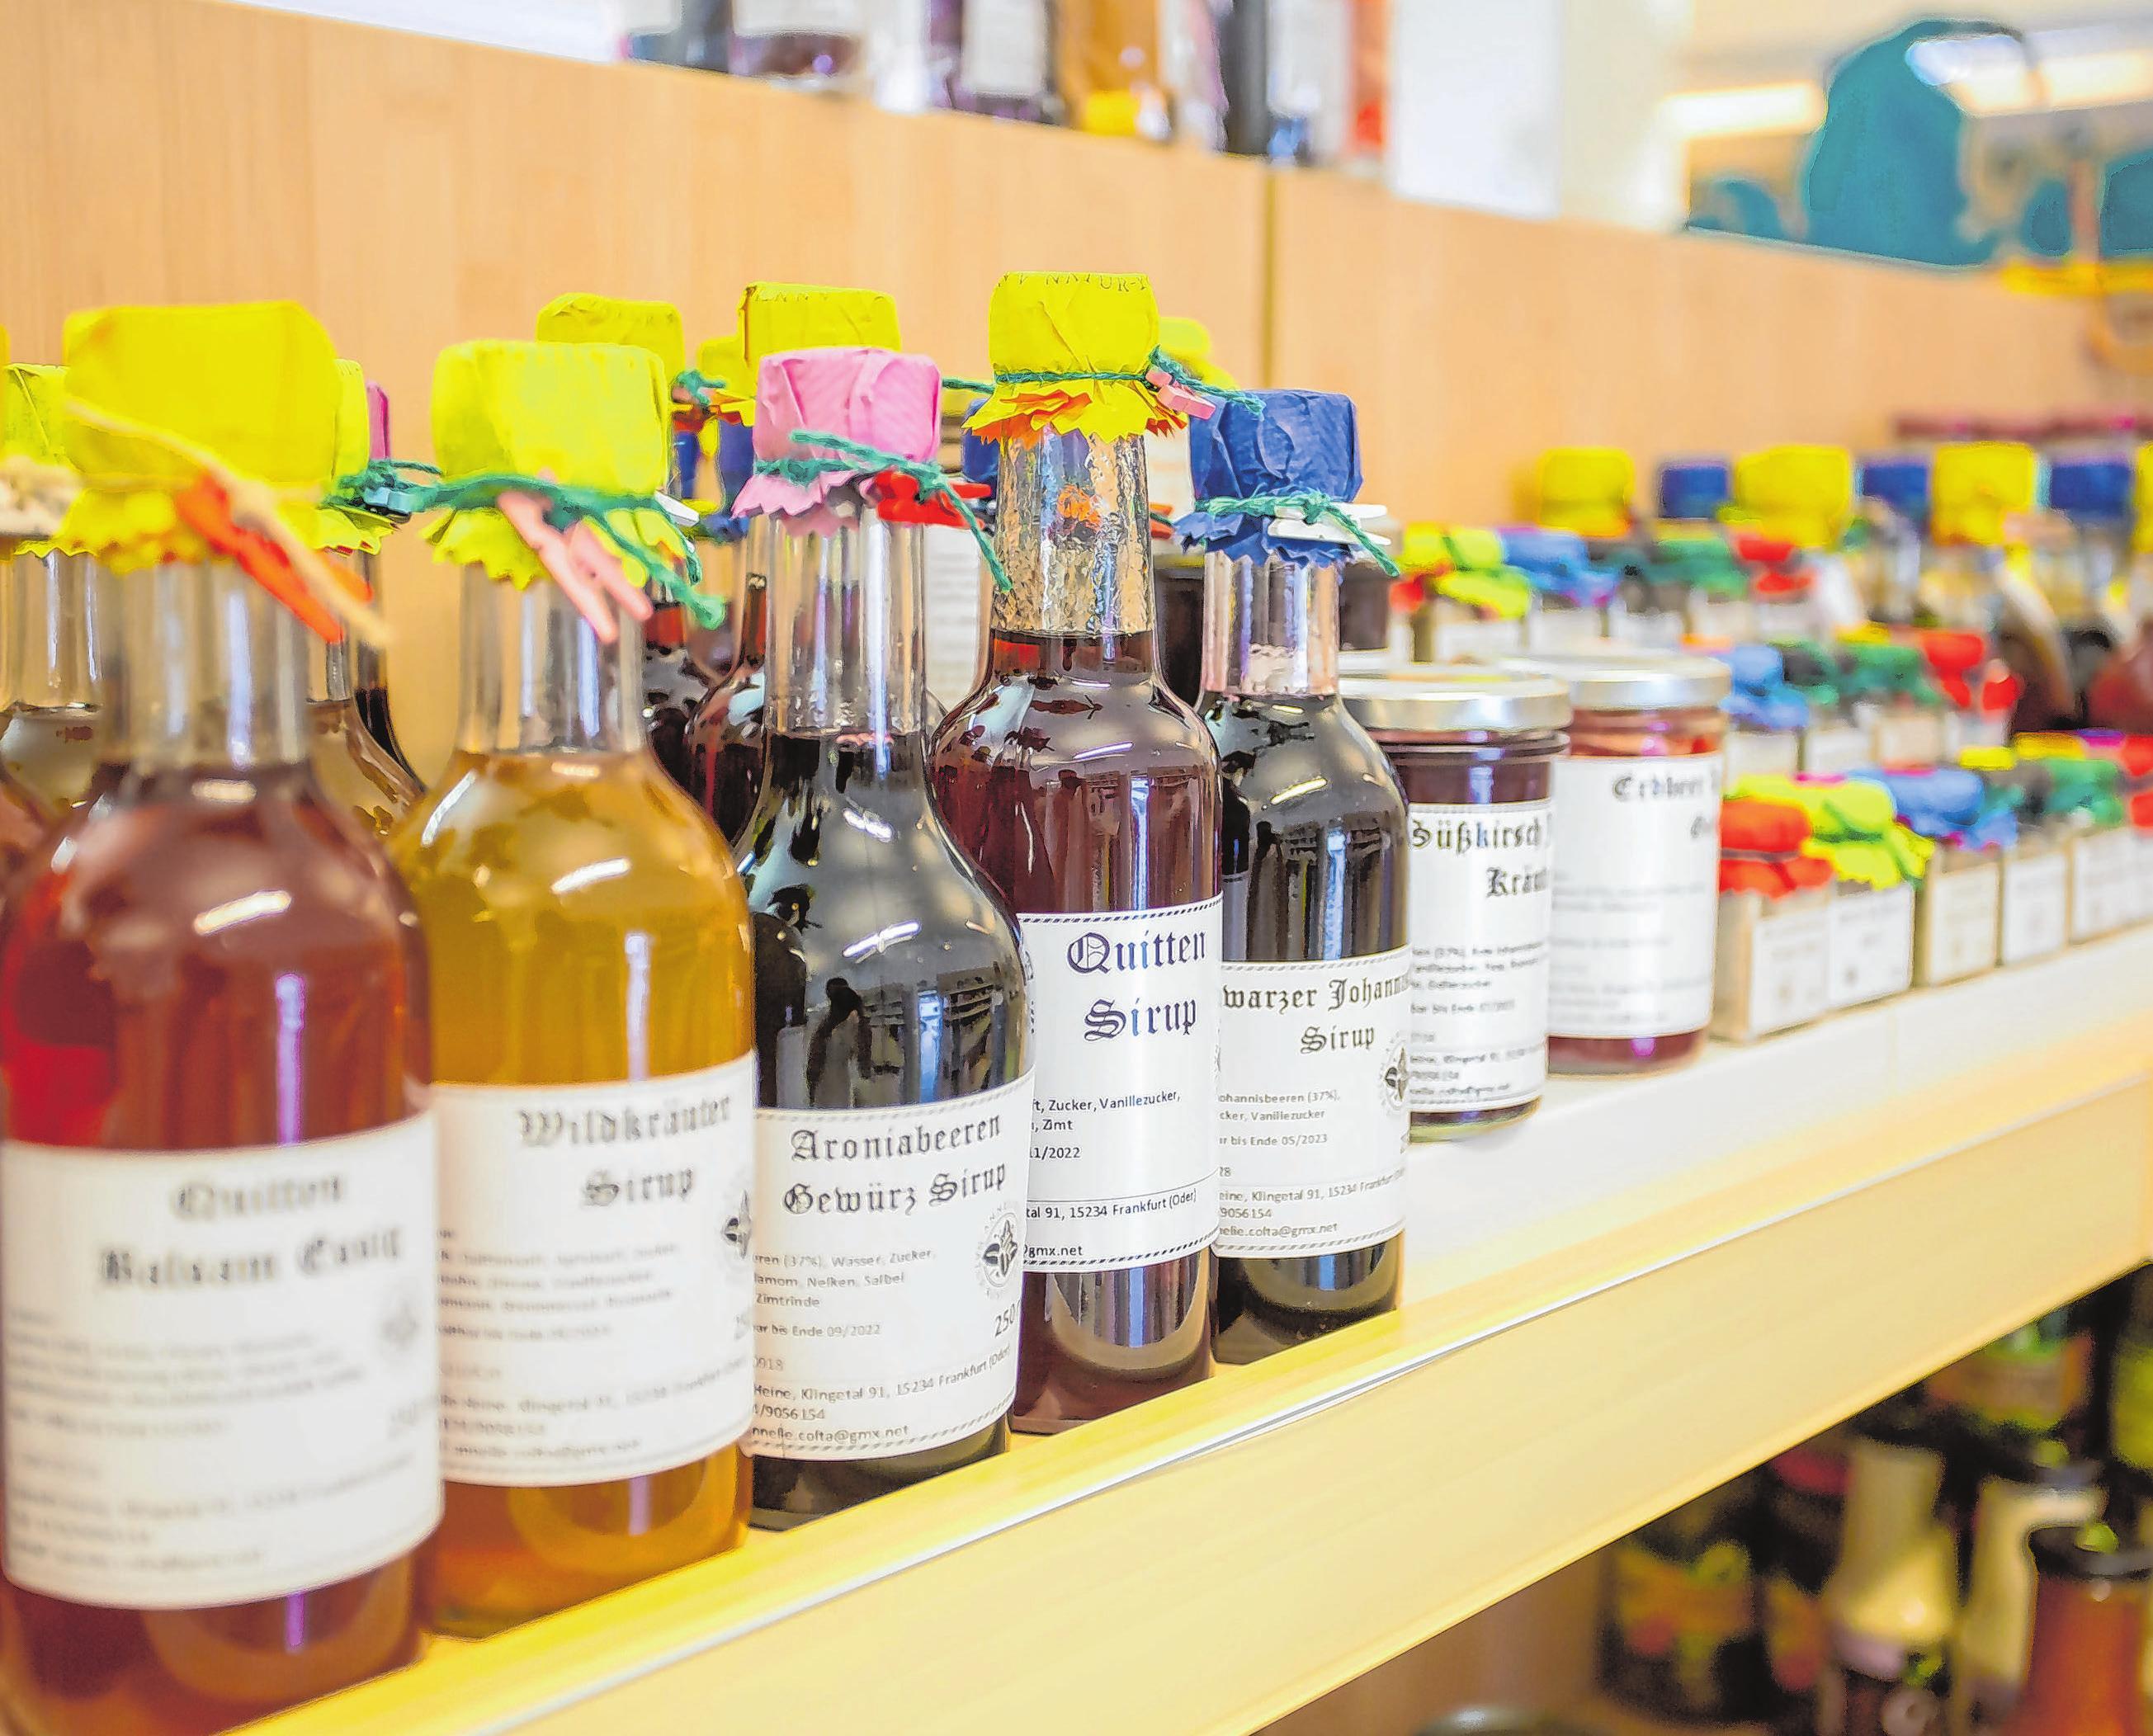 Produkte aus Frankfurt: Sirup, Salz und Essig-Spezialitäten eignen sich als Geschenk oder für den eigenen Verbrauch. Fotos: Wichern Diakonie/René Matschkowiak